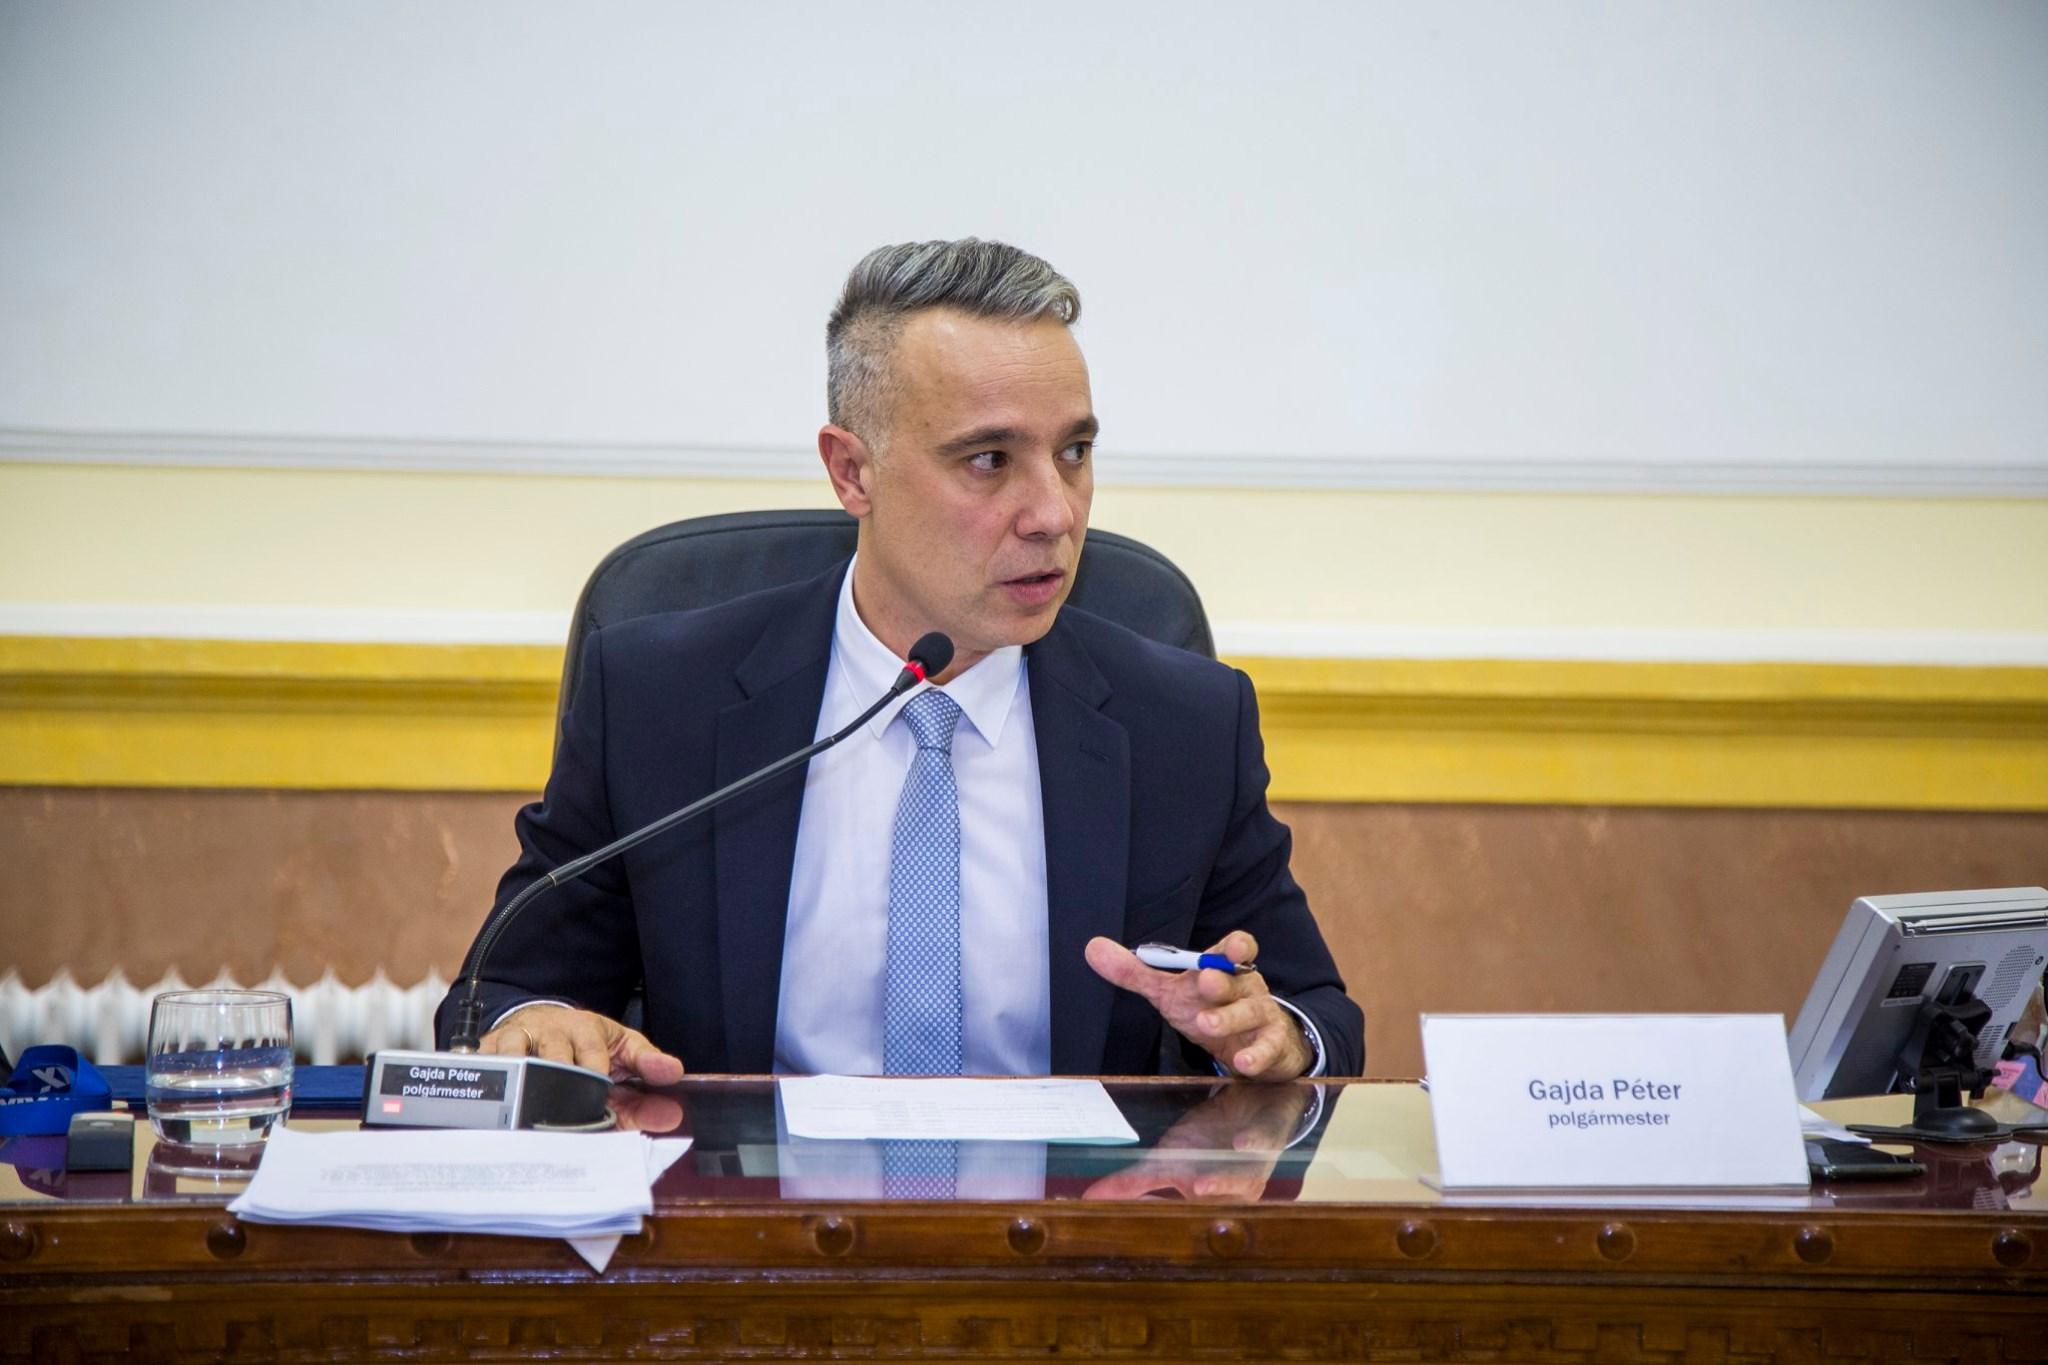 Gajda Péter lehet a főváros összeférhetetlenséget és vagyonnyilatkozatokat ellenőrző bizottságának elnöke